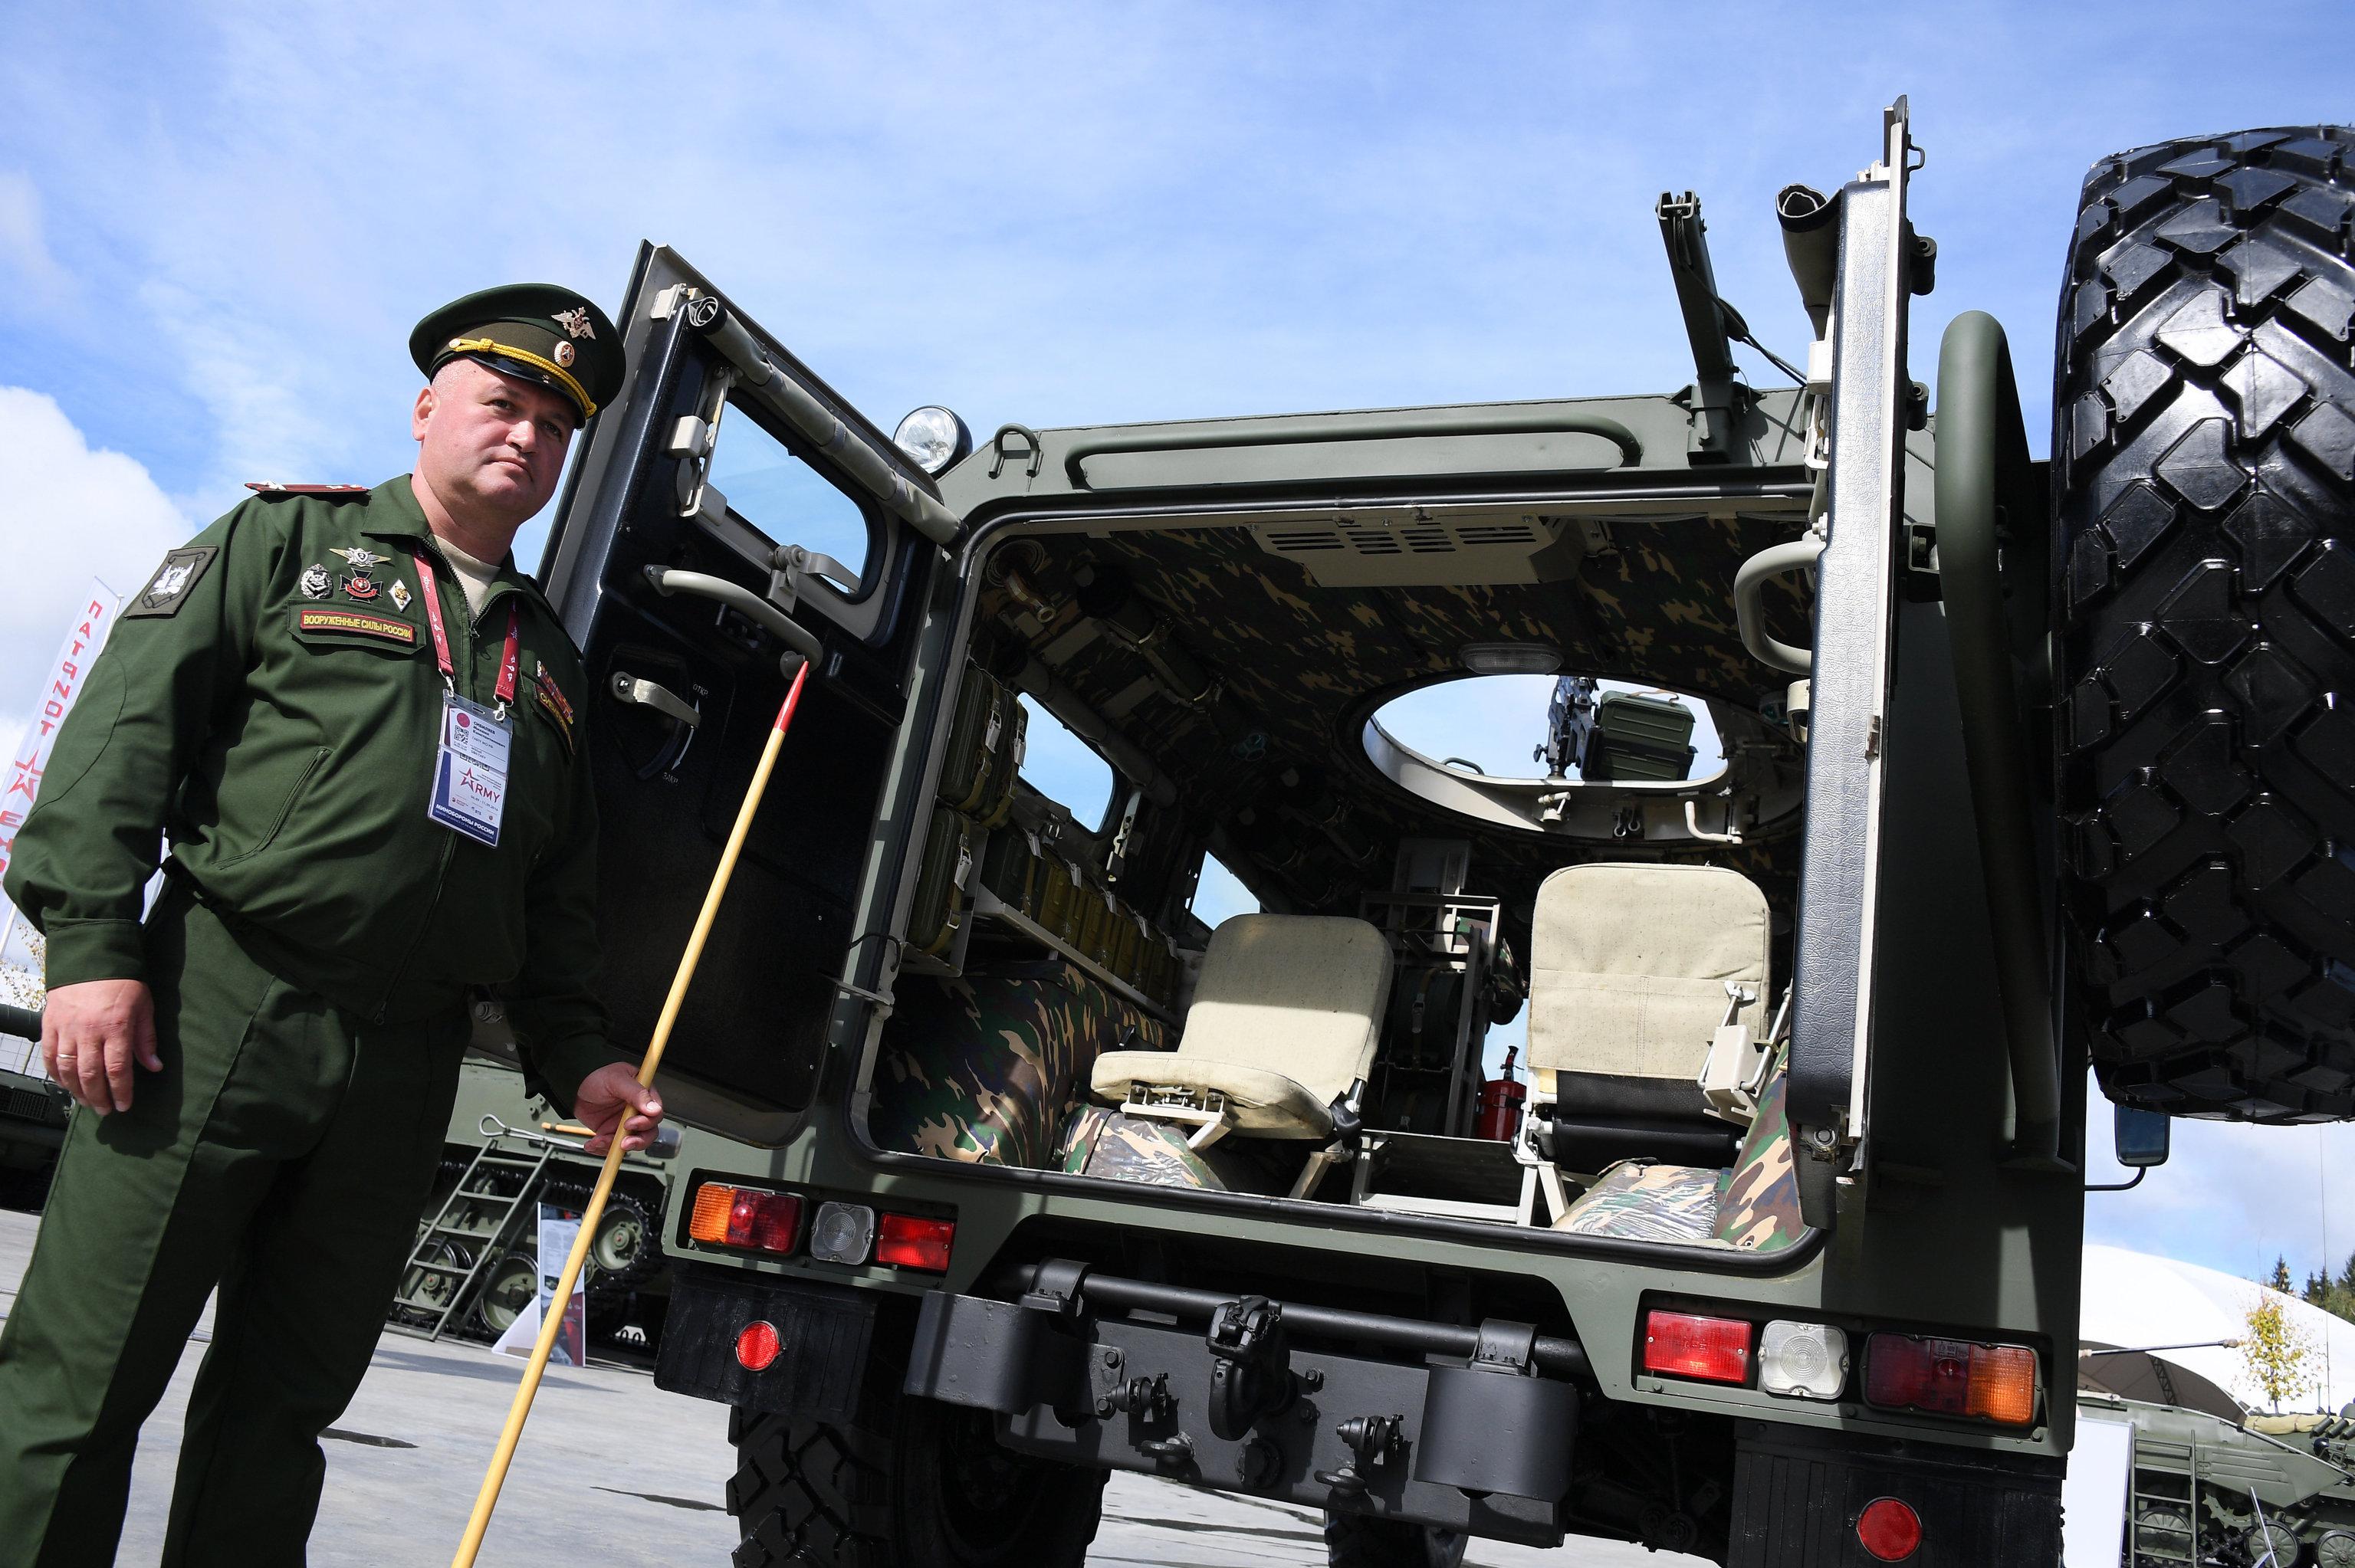 Vehículo blindado Tigr-M